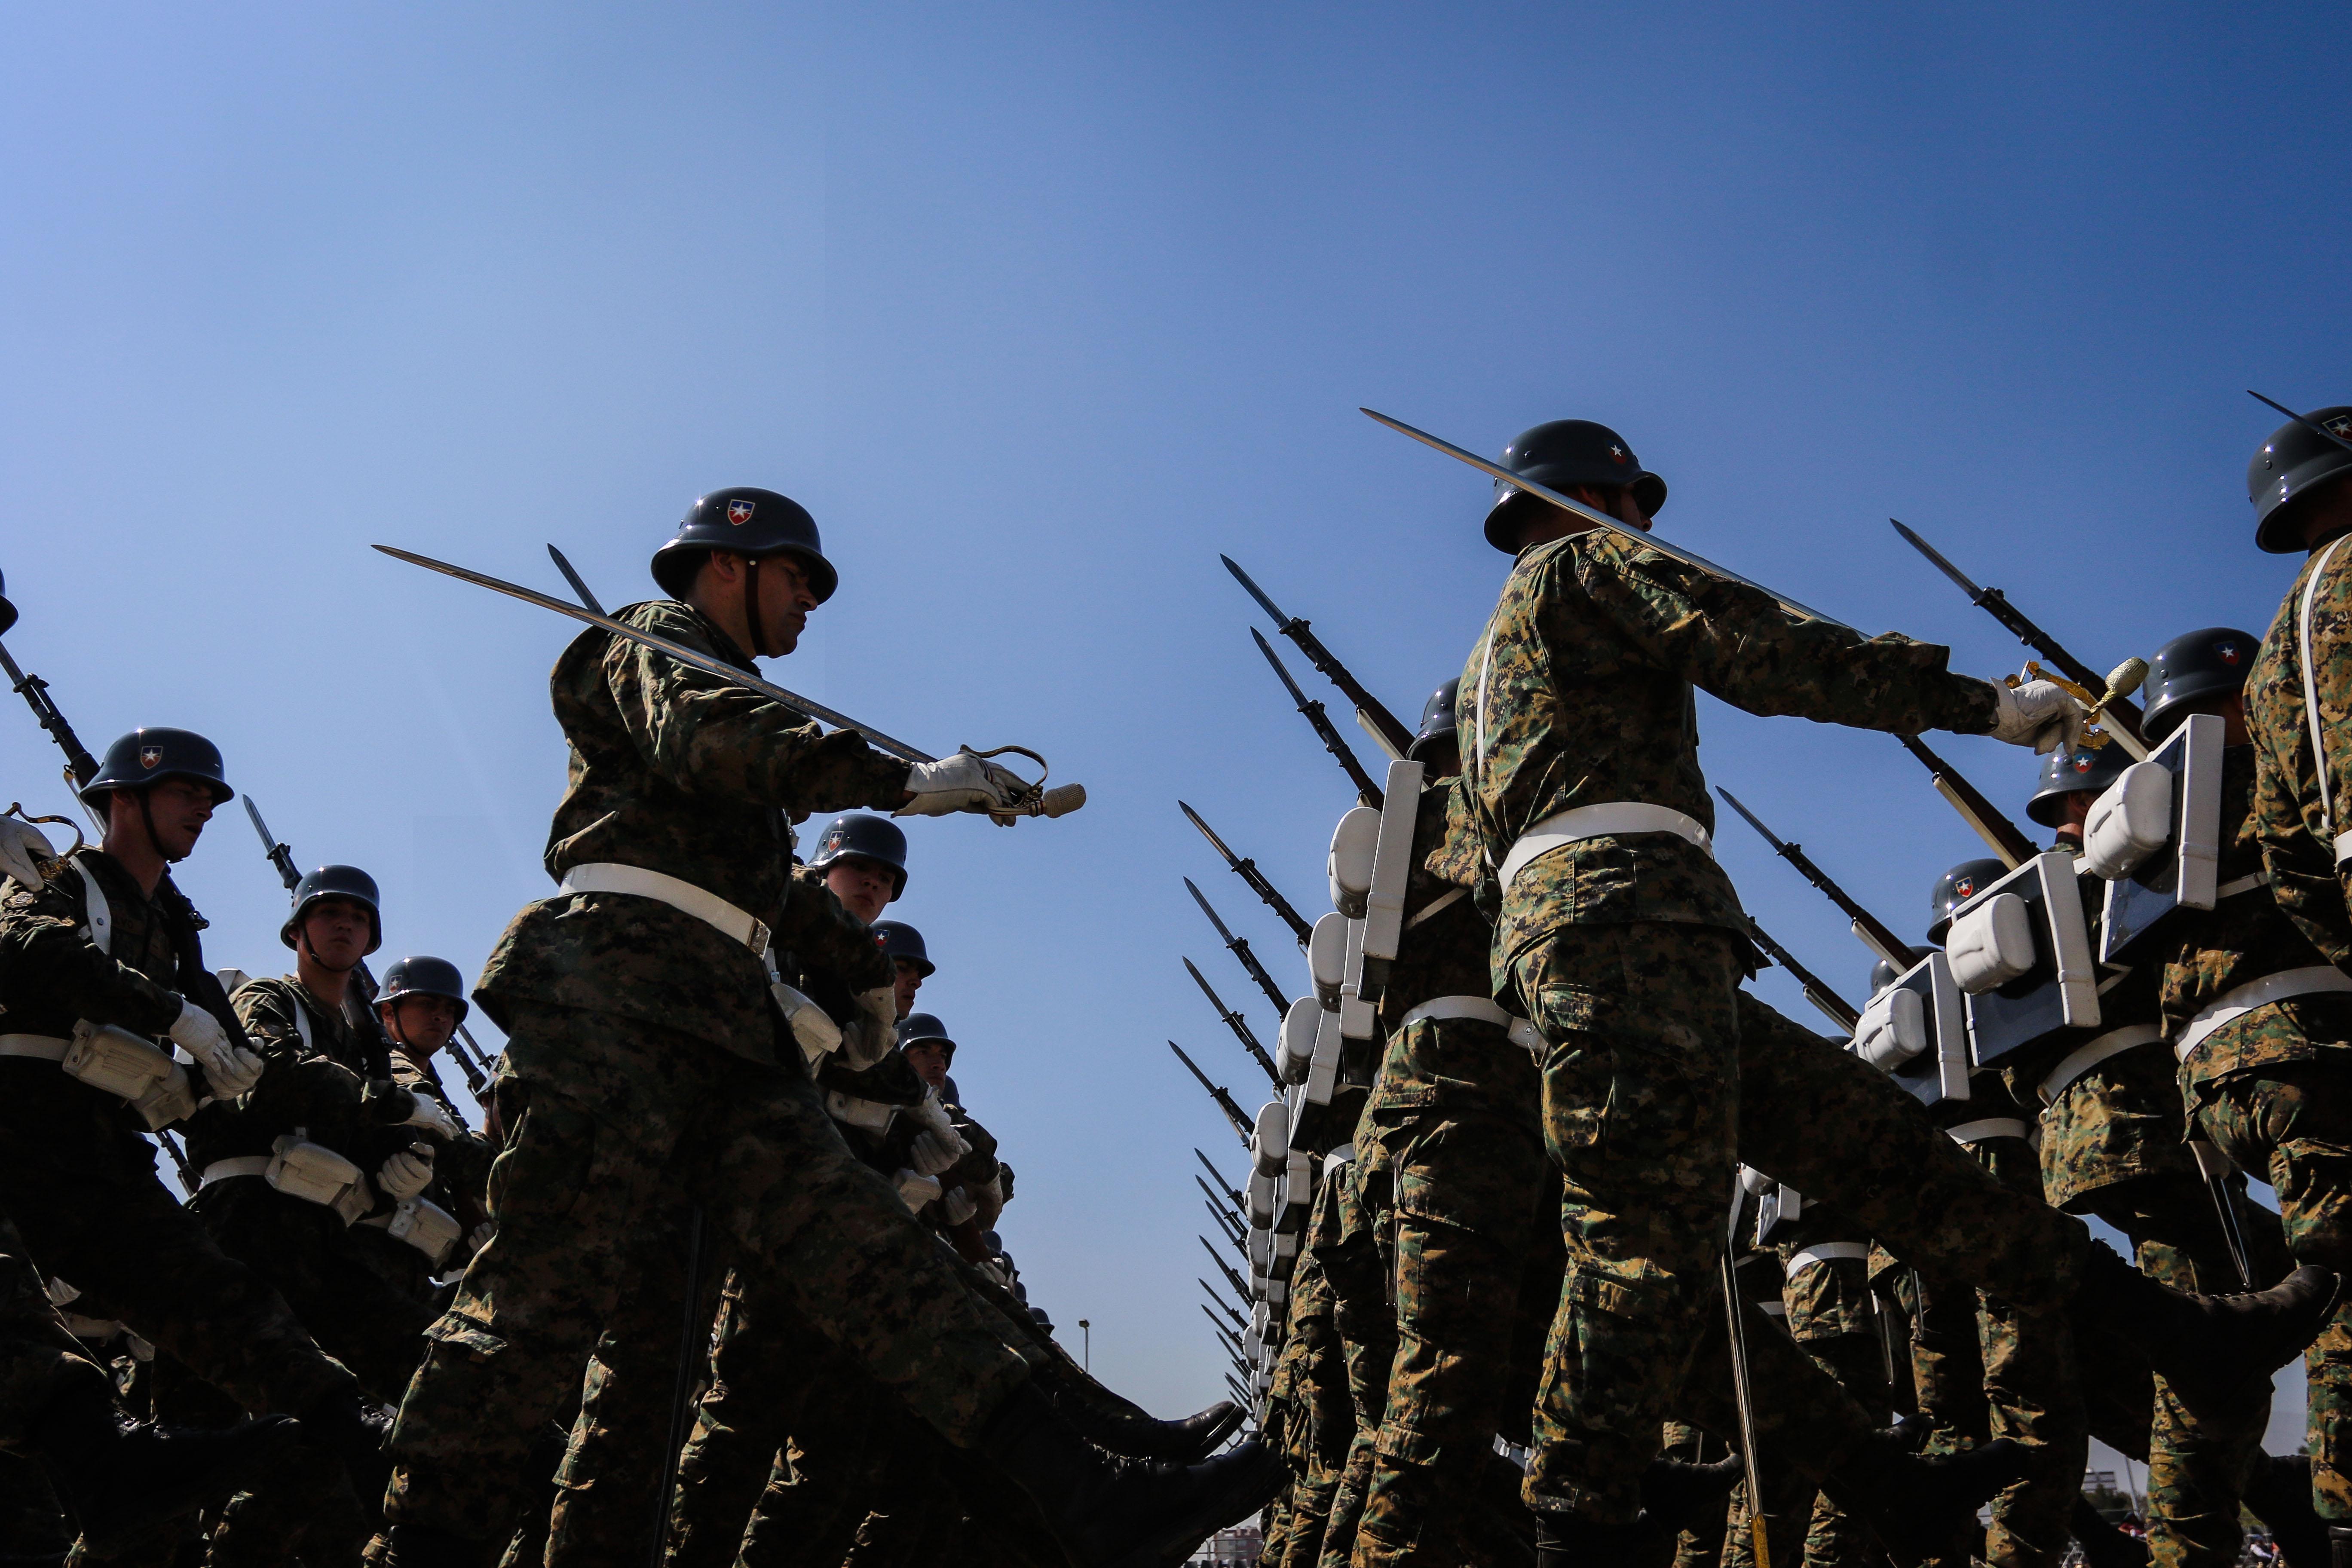 Ejército sobre casos Fuente-Alba: es responsabilidad de cadaComandante en Jefe el uso de los gastos reservados